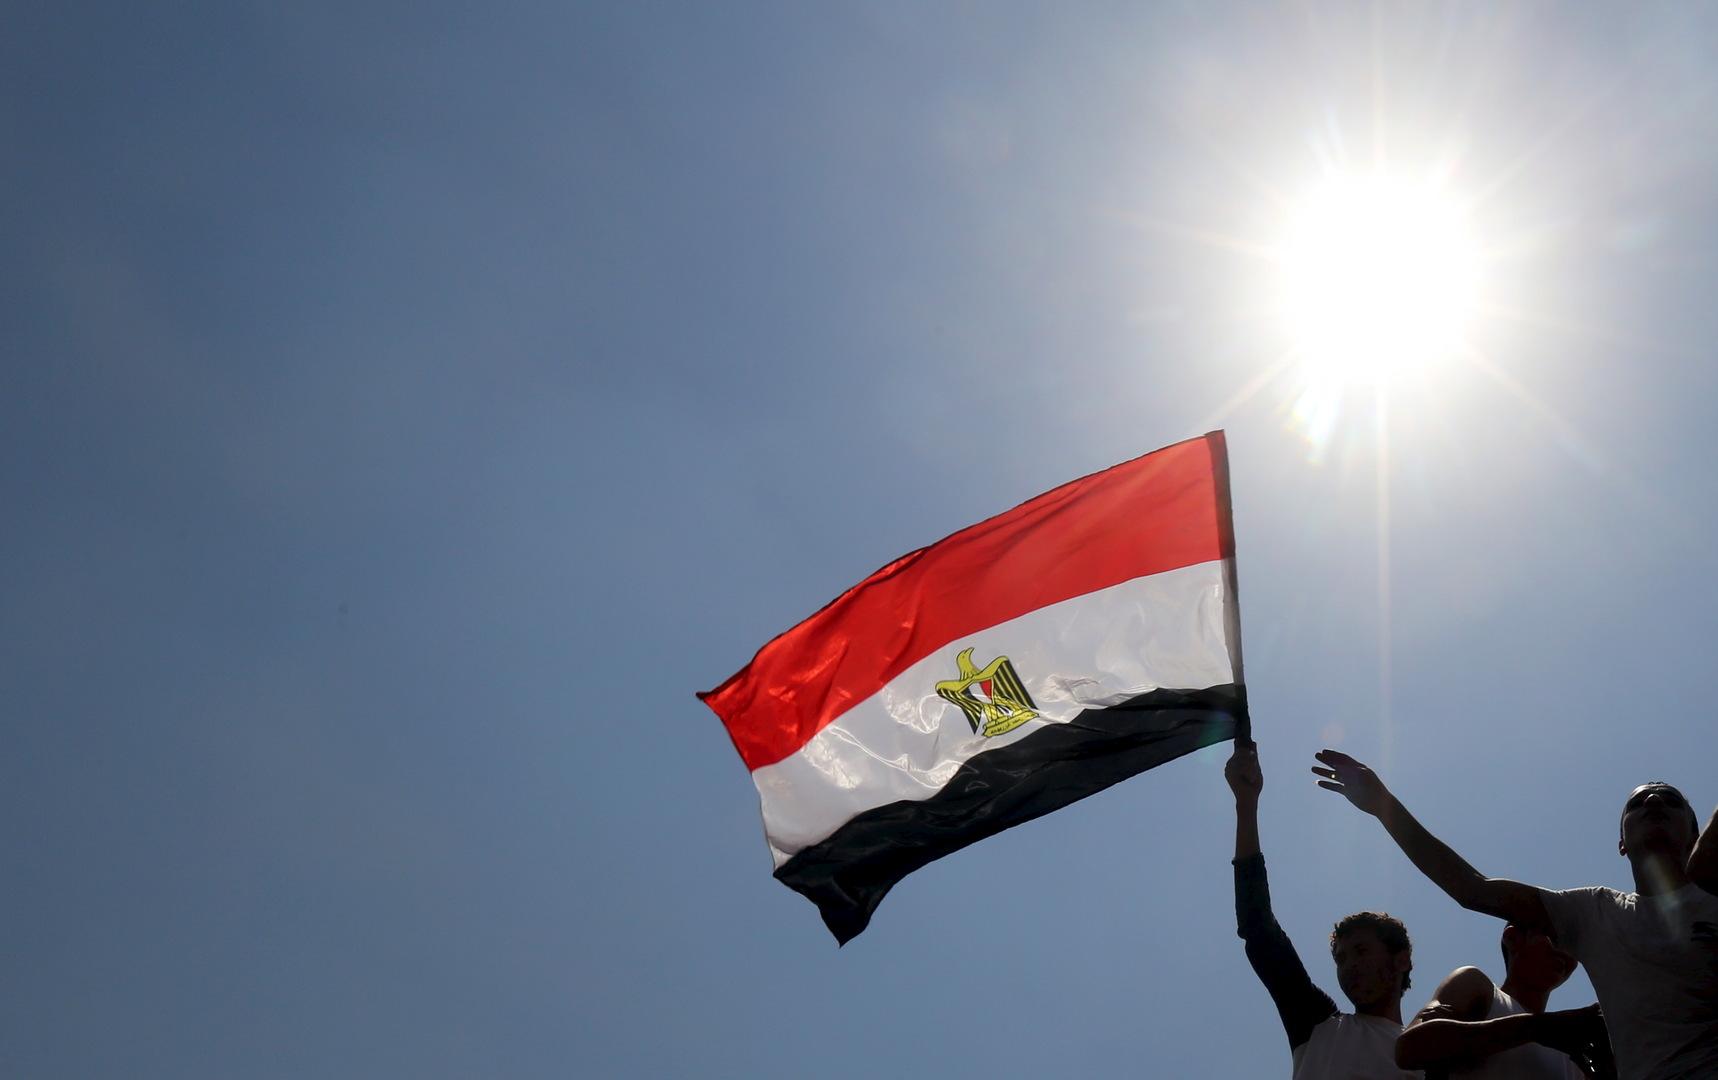 مصر تتفق مع مؤسسة أمريكية على 5 مشروعات مستقبلية